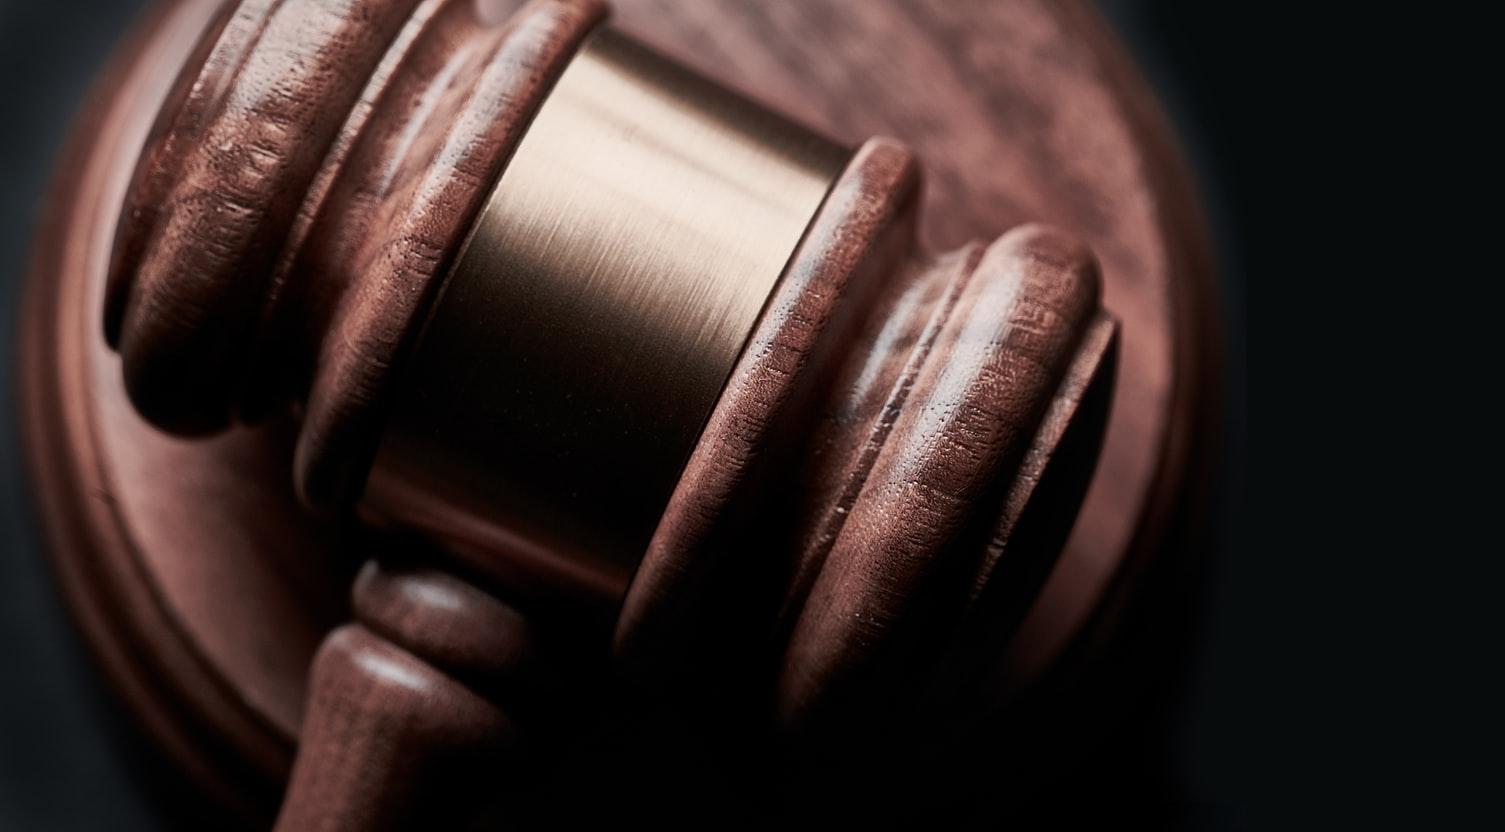 Kodeks pracy: co to jest i co reguluje?